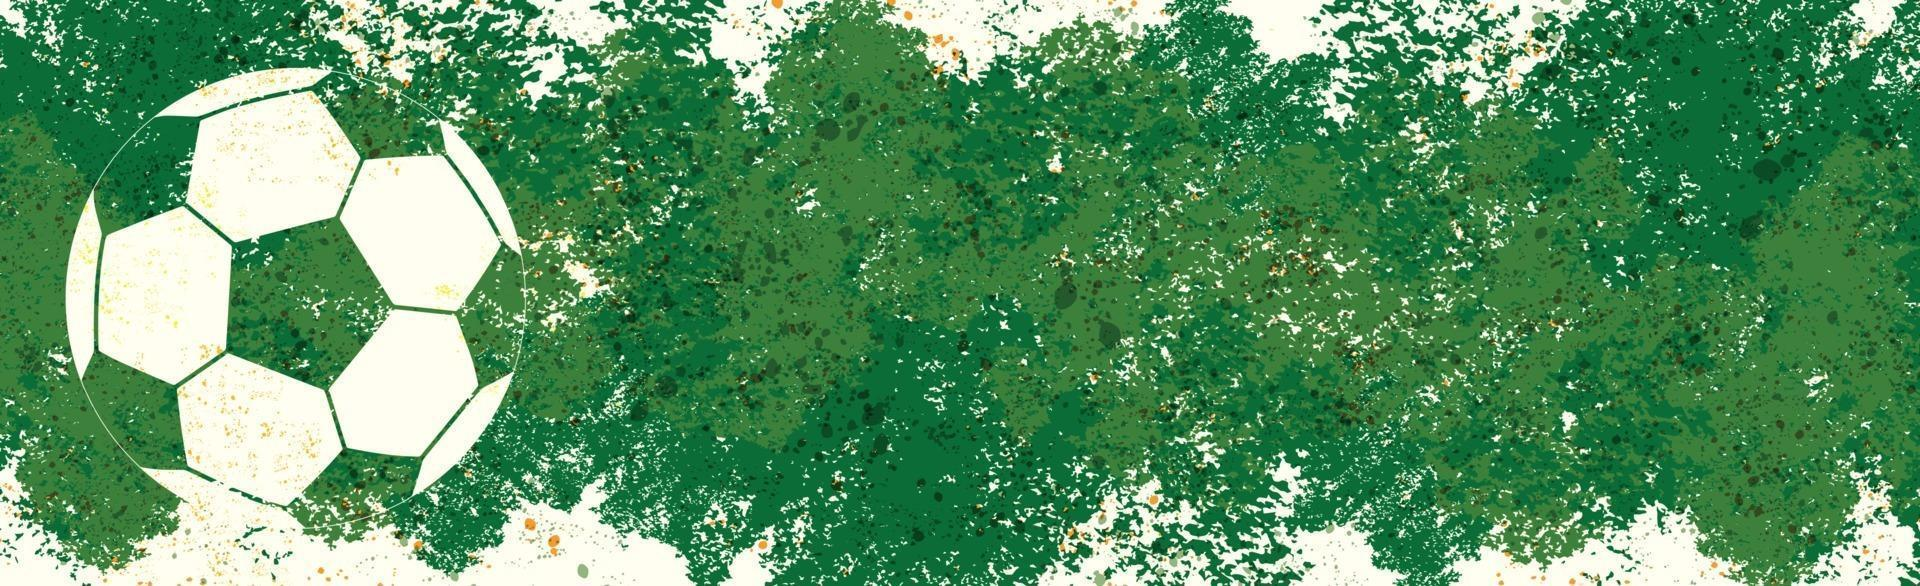 impronta di un pallone da calcio su uno sfondo verde - vettore